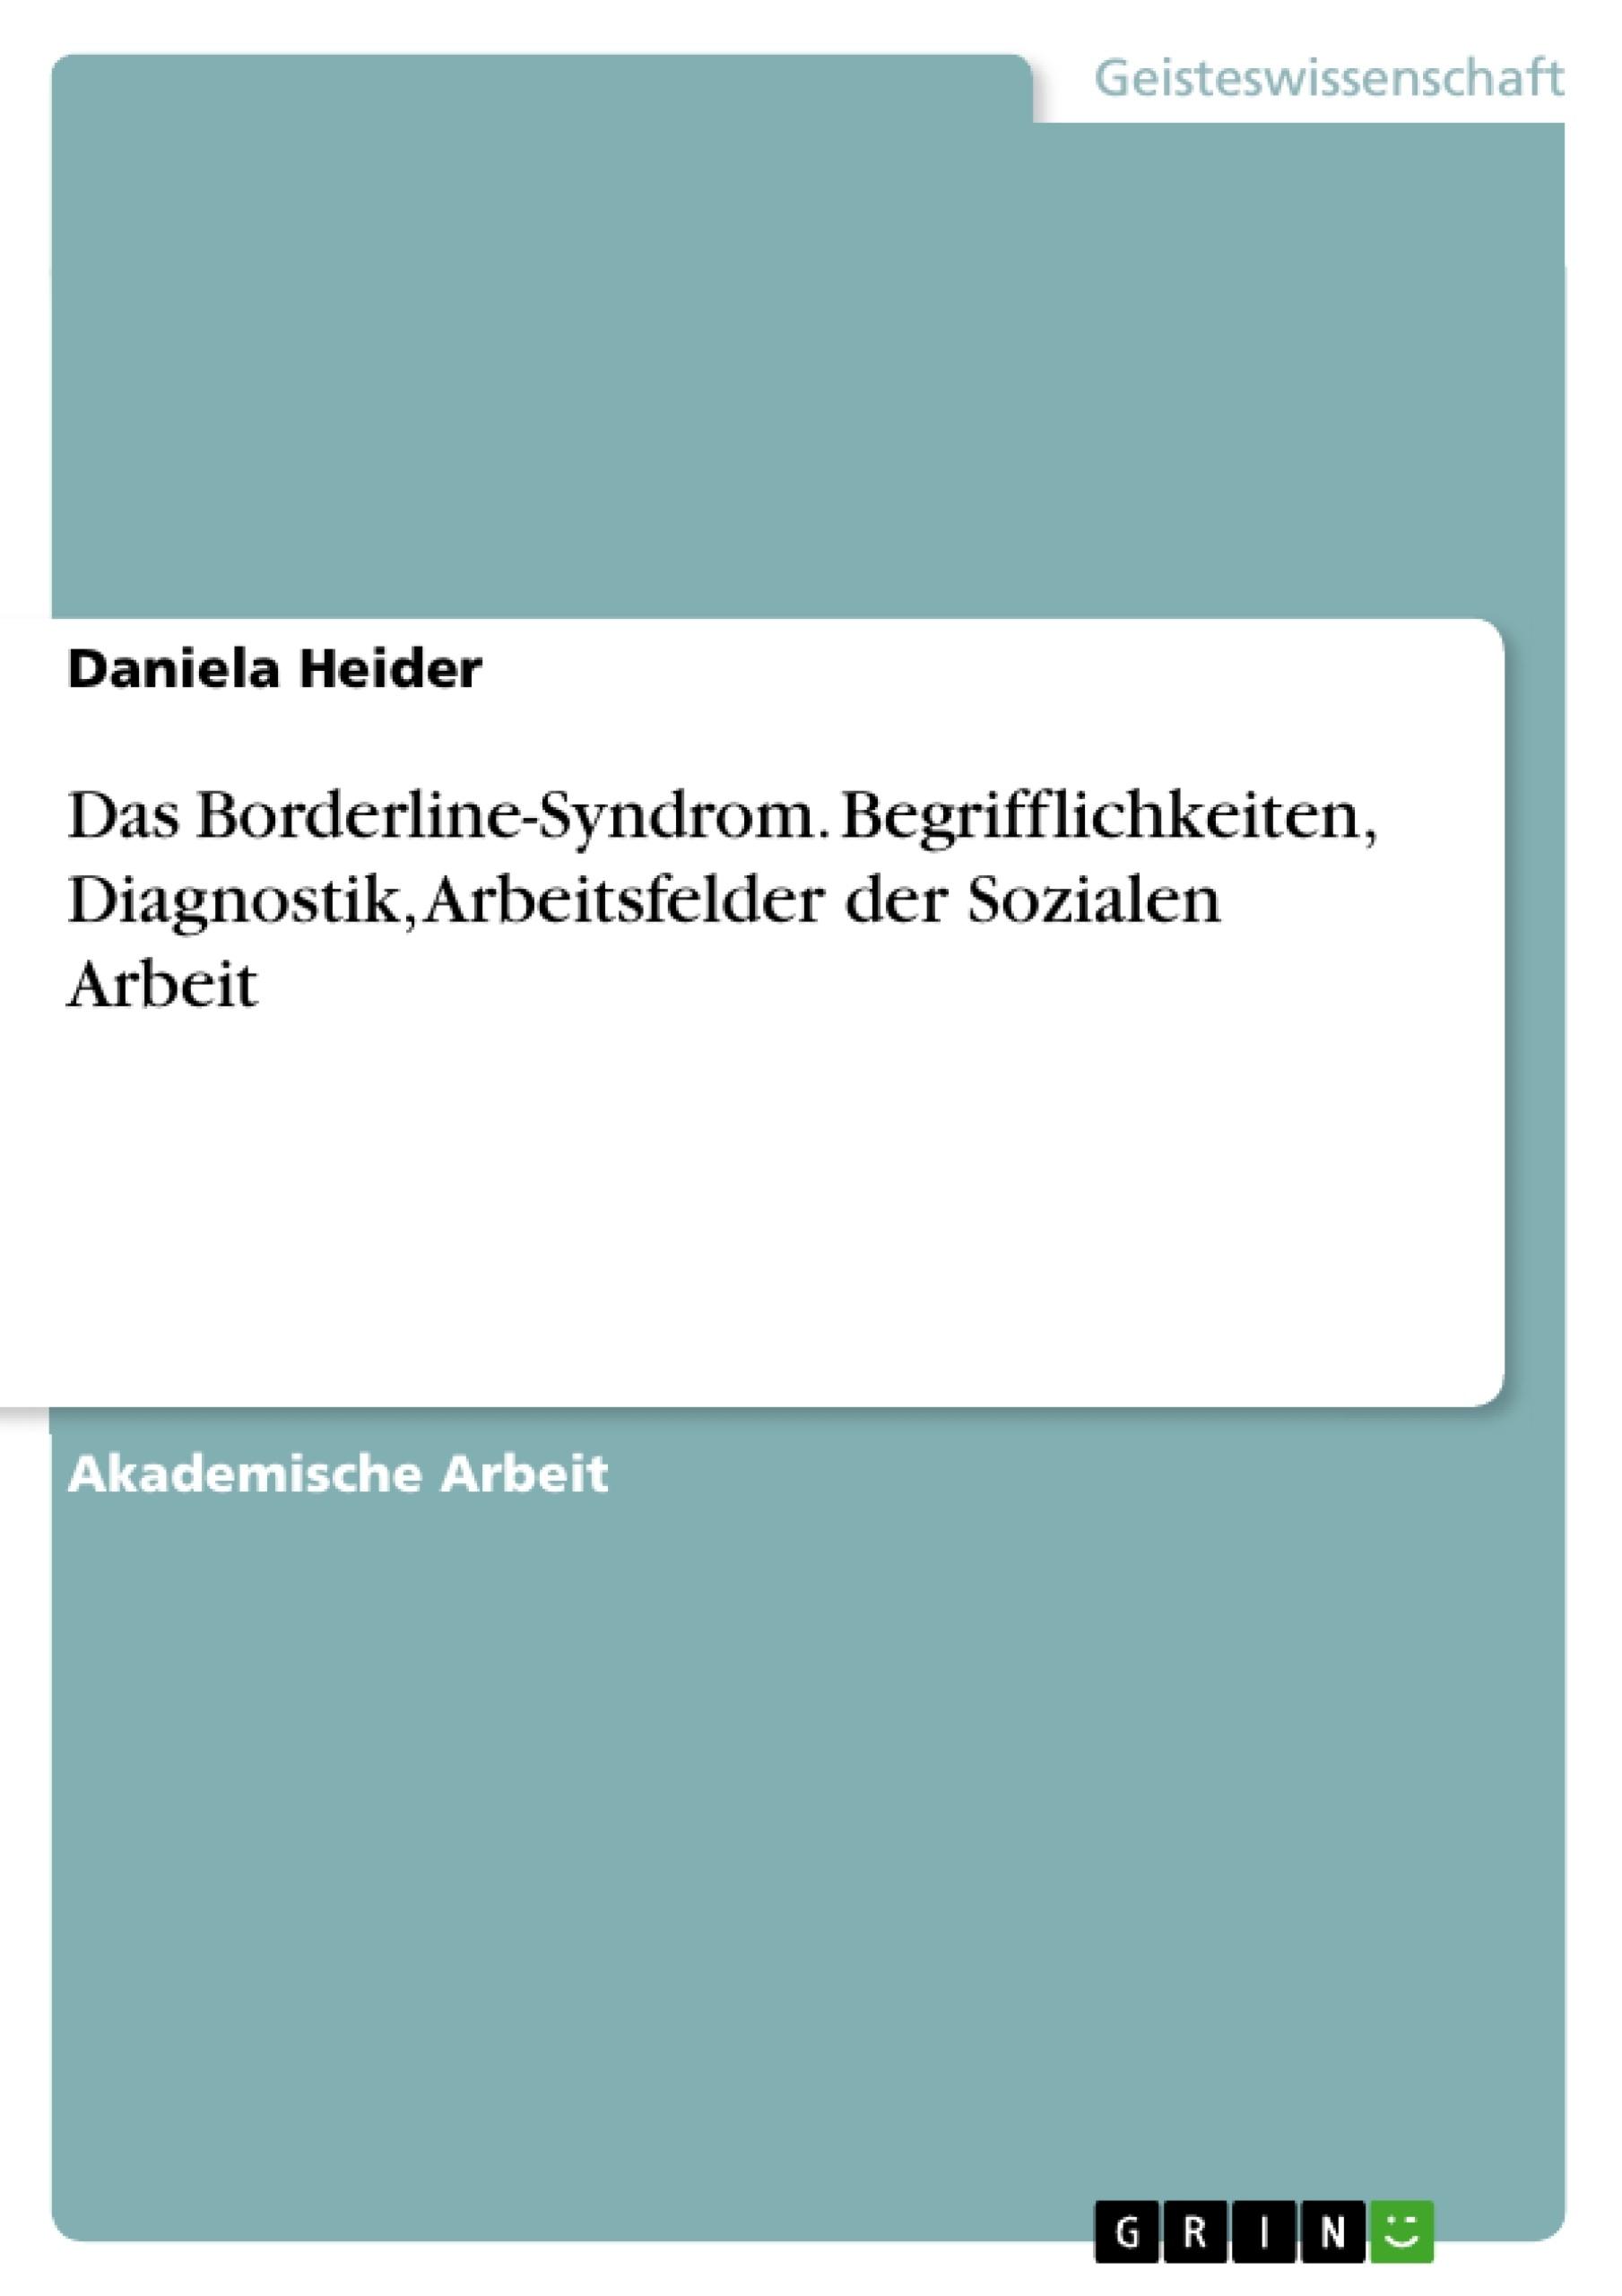 Titel: Das Borderline-Syndrom. Begrifflichkeiten, Diagnostik, Arbeitsfelder der Sozialen Arbeit